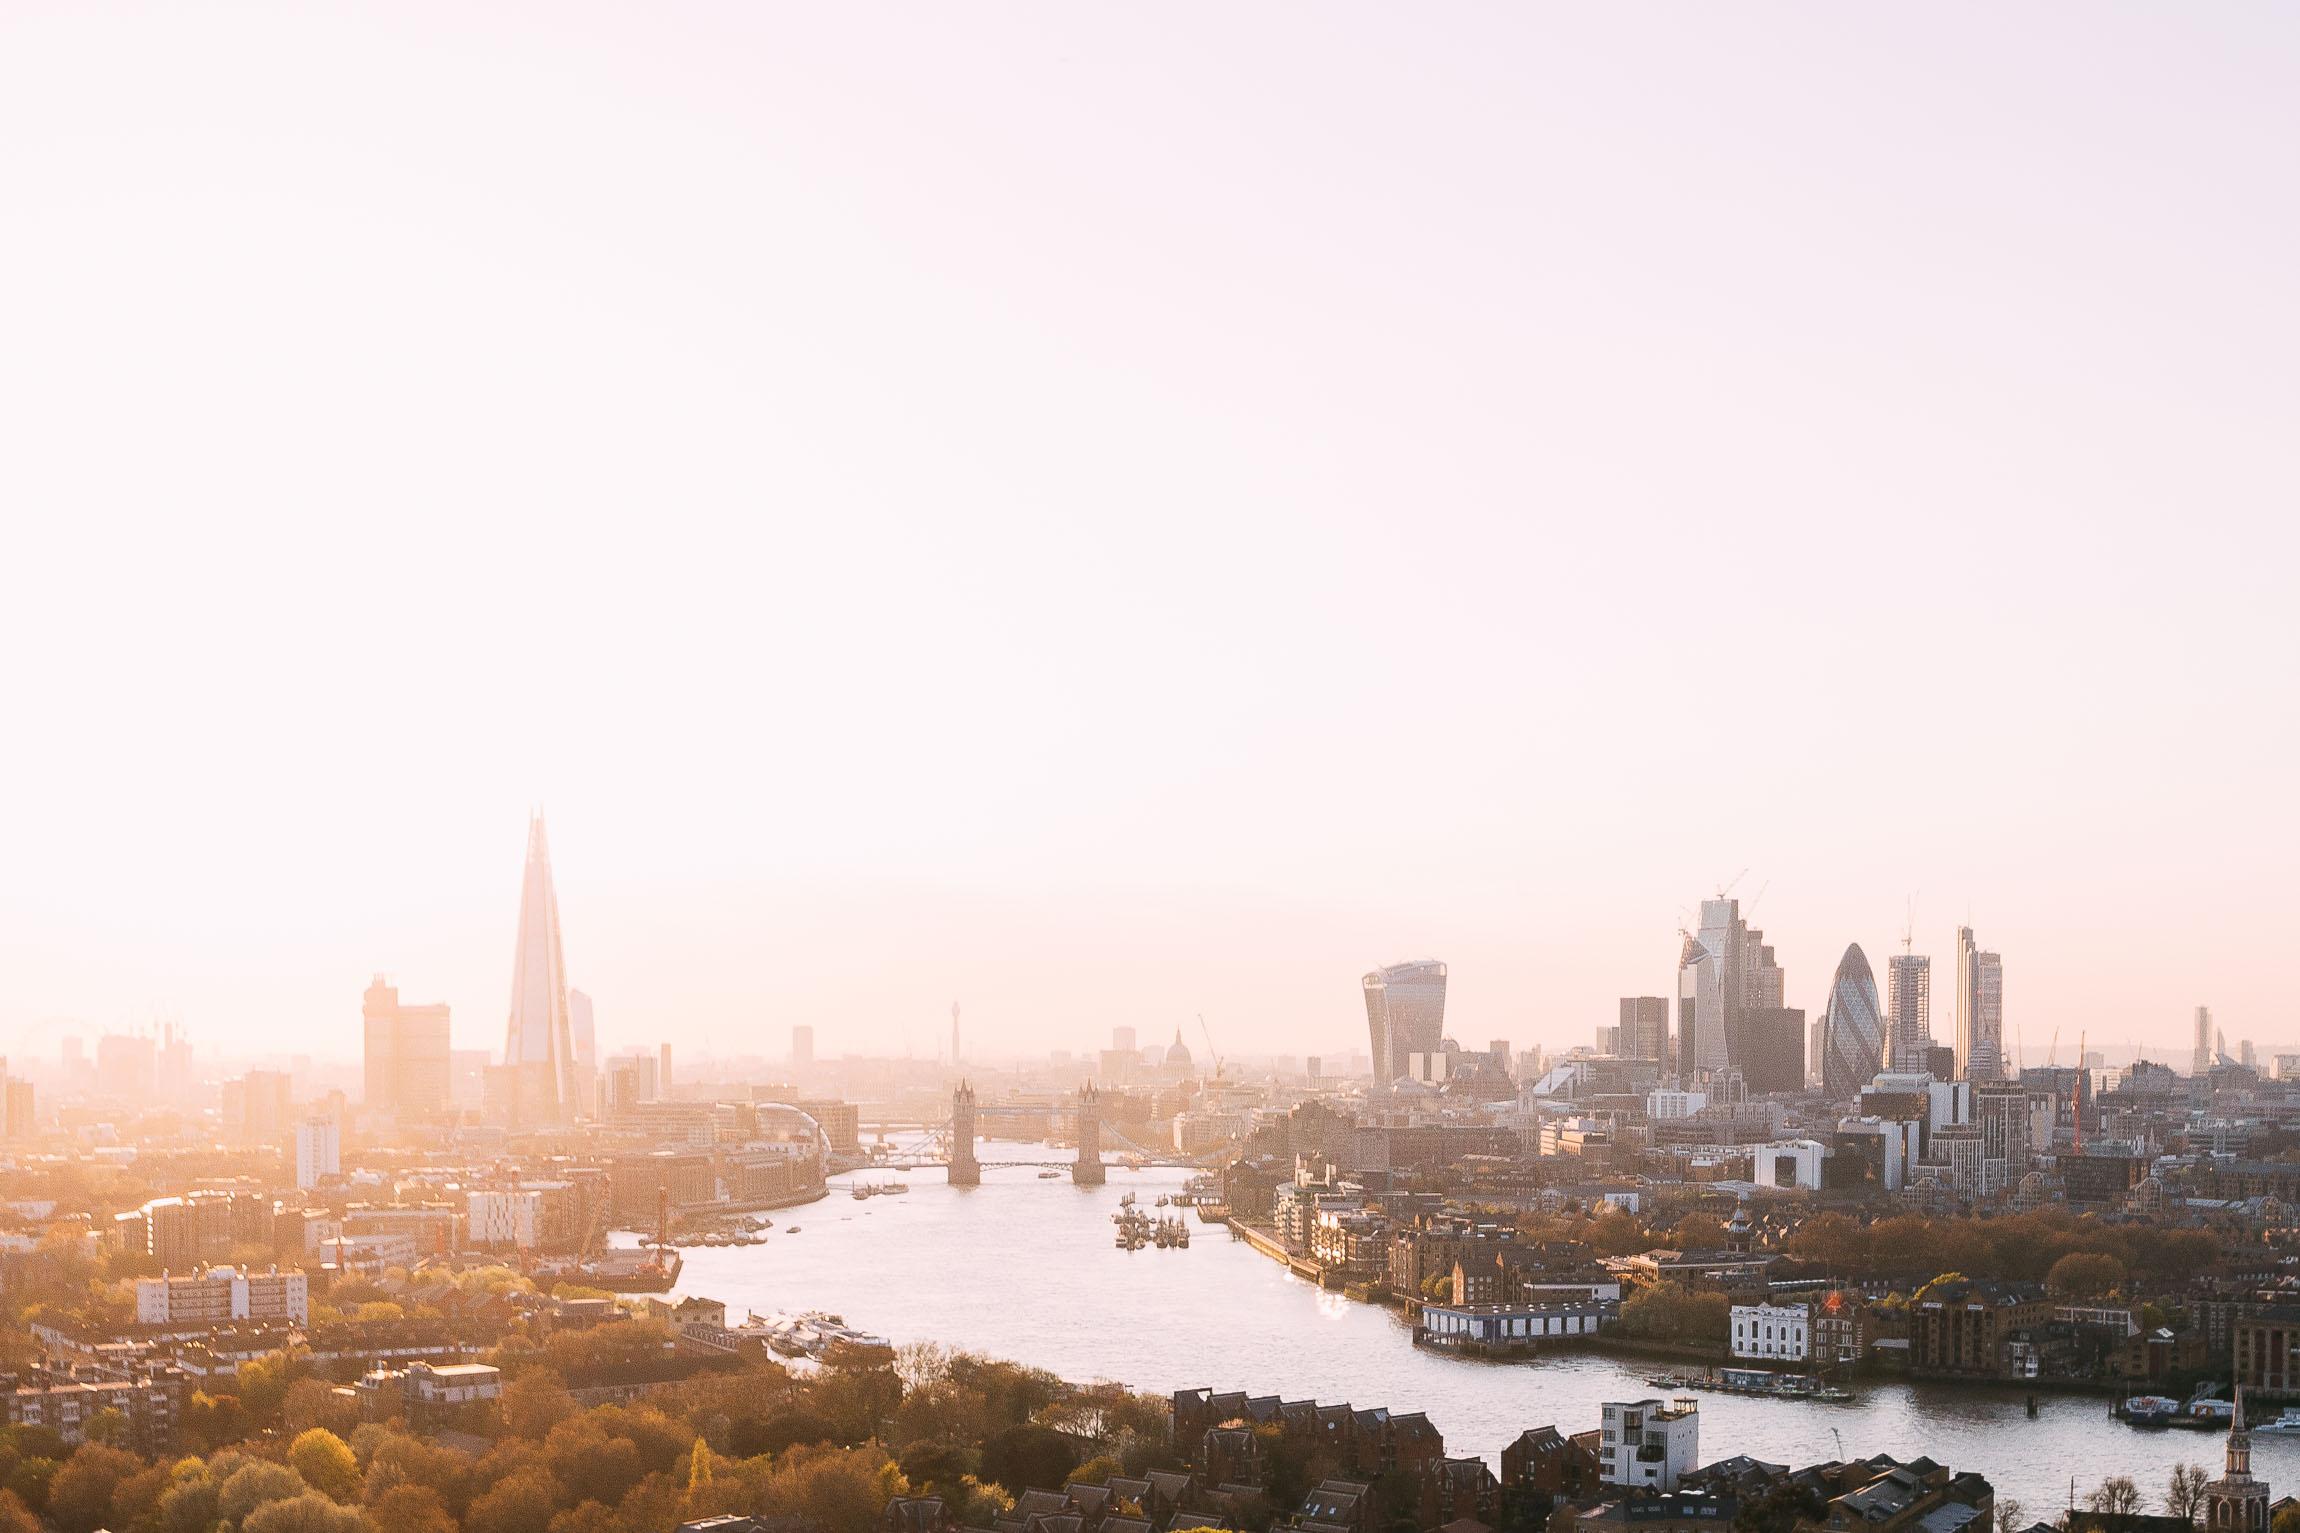 020-180419 London 131.jpg